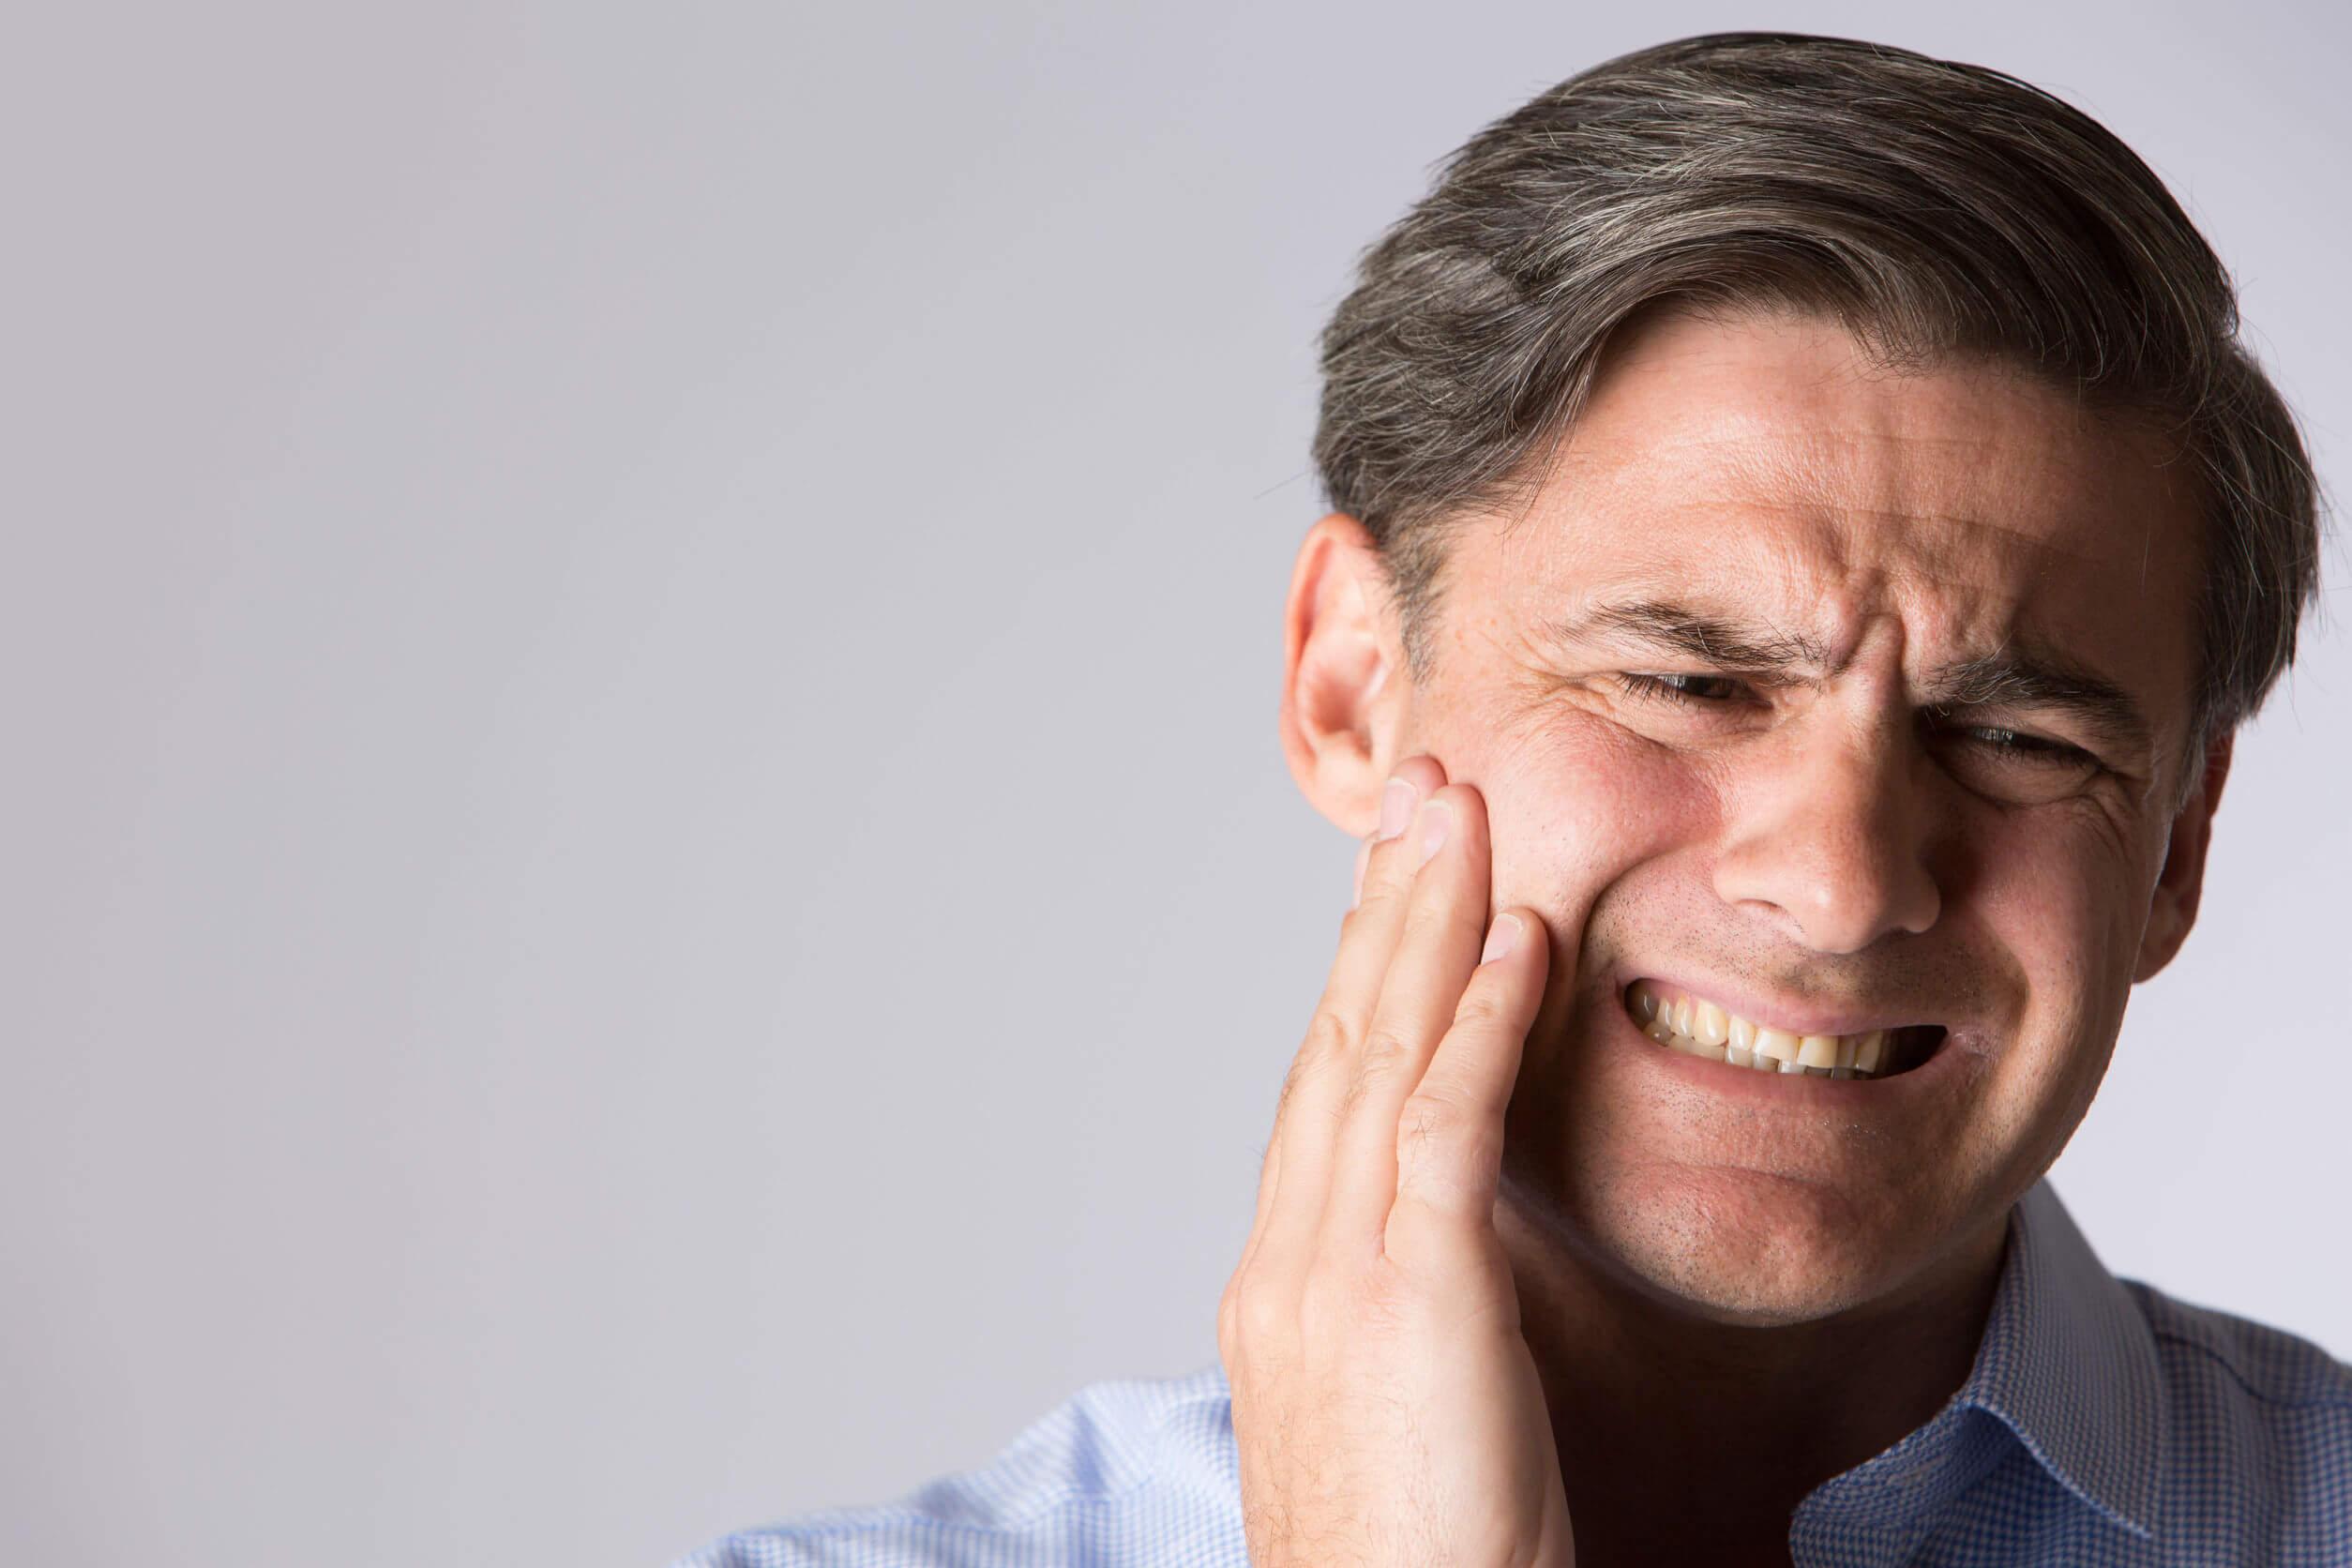 El efecto placebo es normal en el dolor.